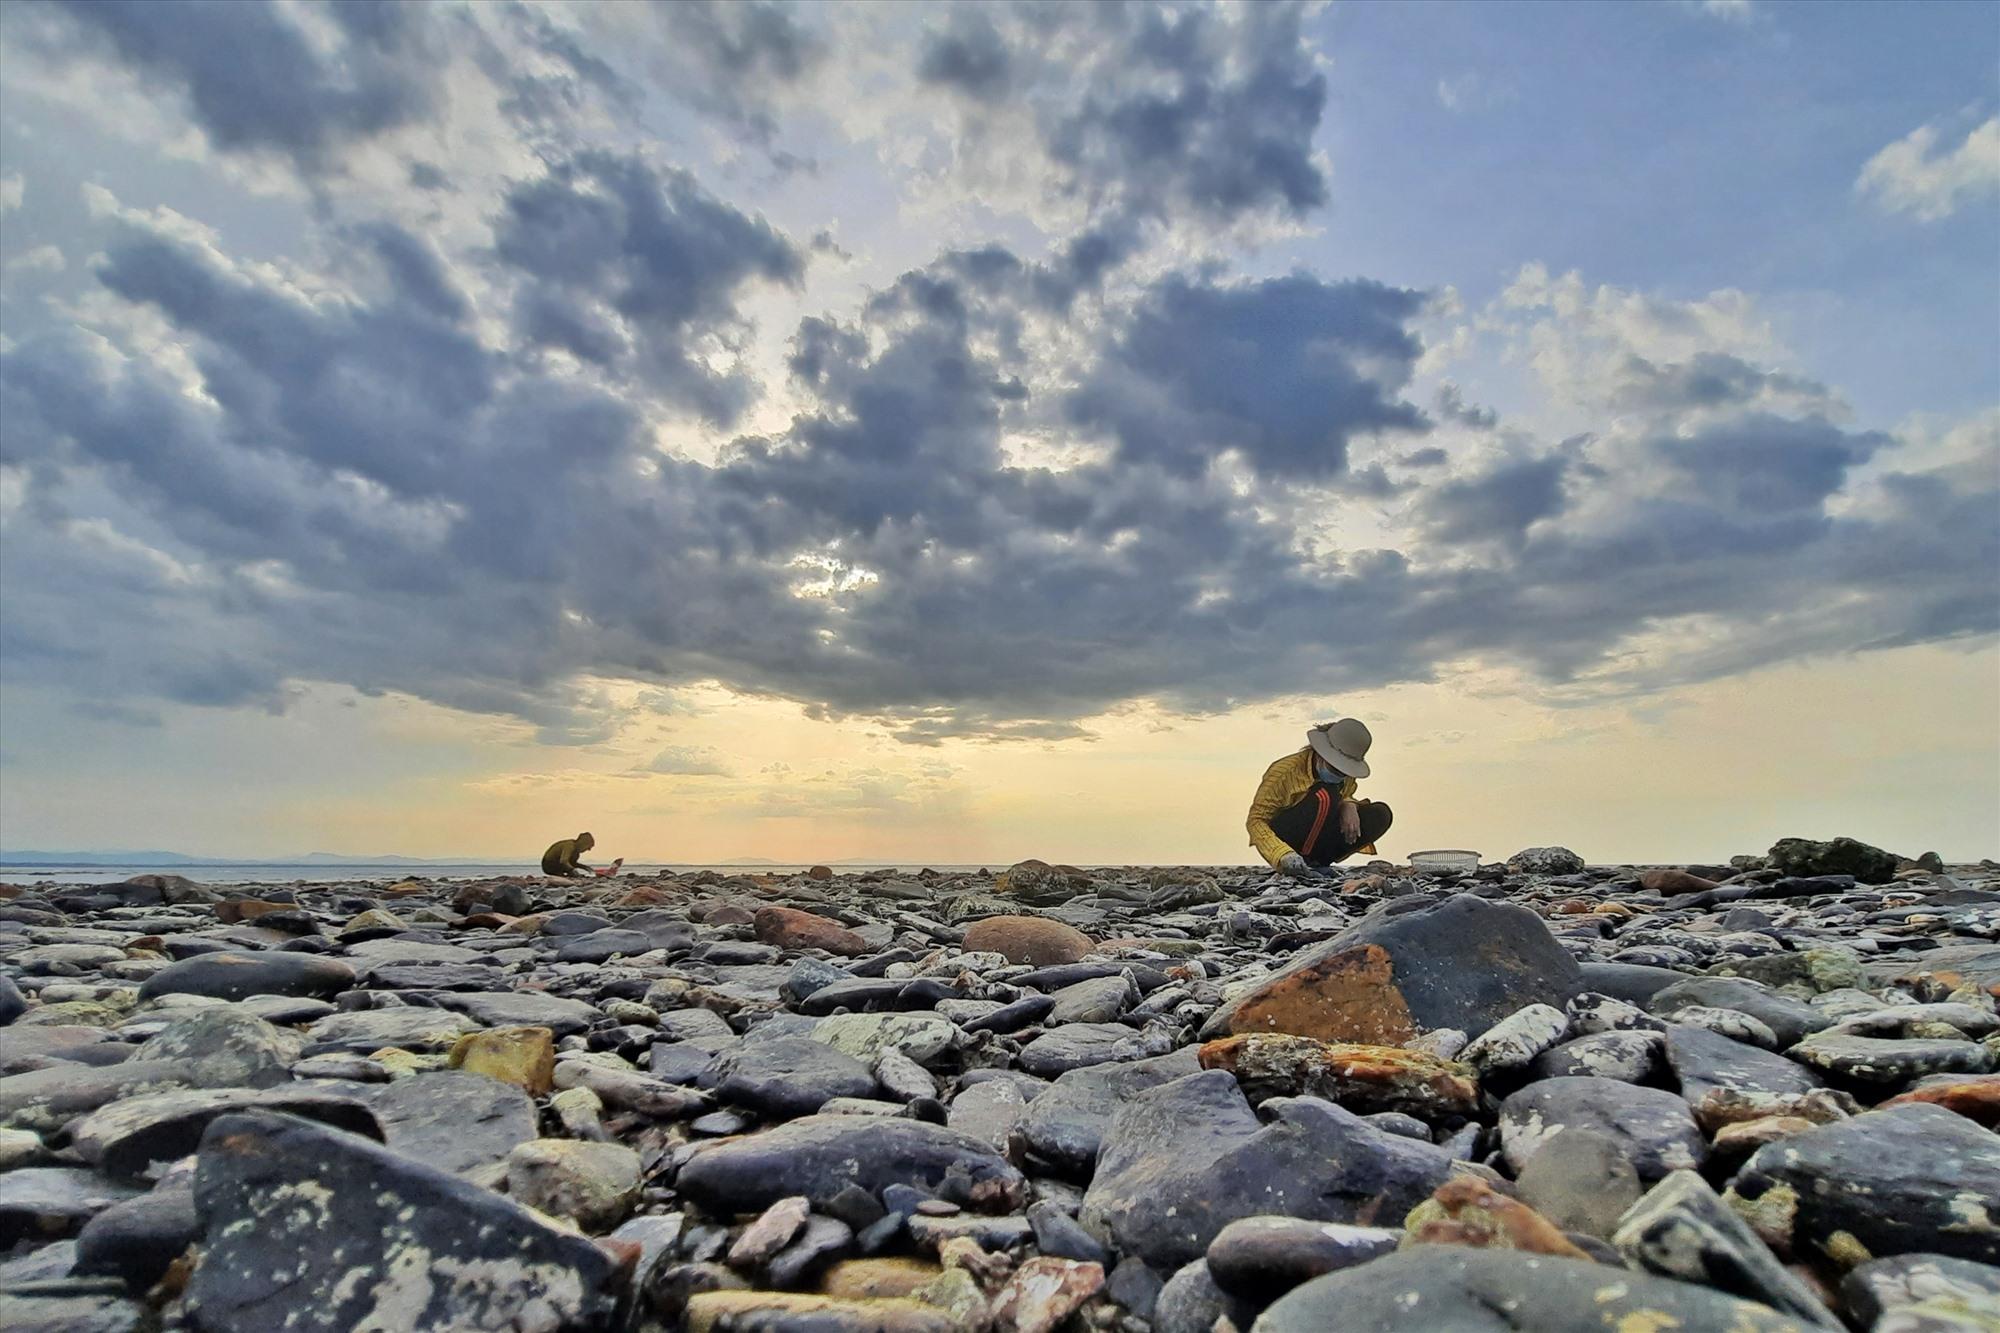 Không chỉ dưới các rạn đá san hô mà người dân Tam Hải còn có thể cào nghêu trên các bãi đá sỏi khi nước rút.